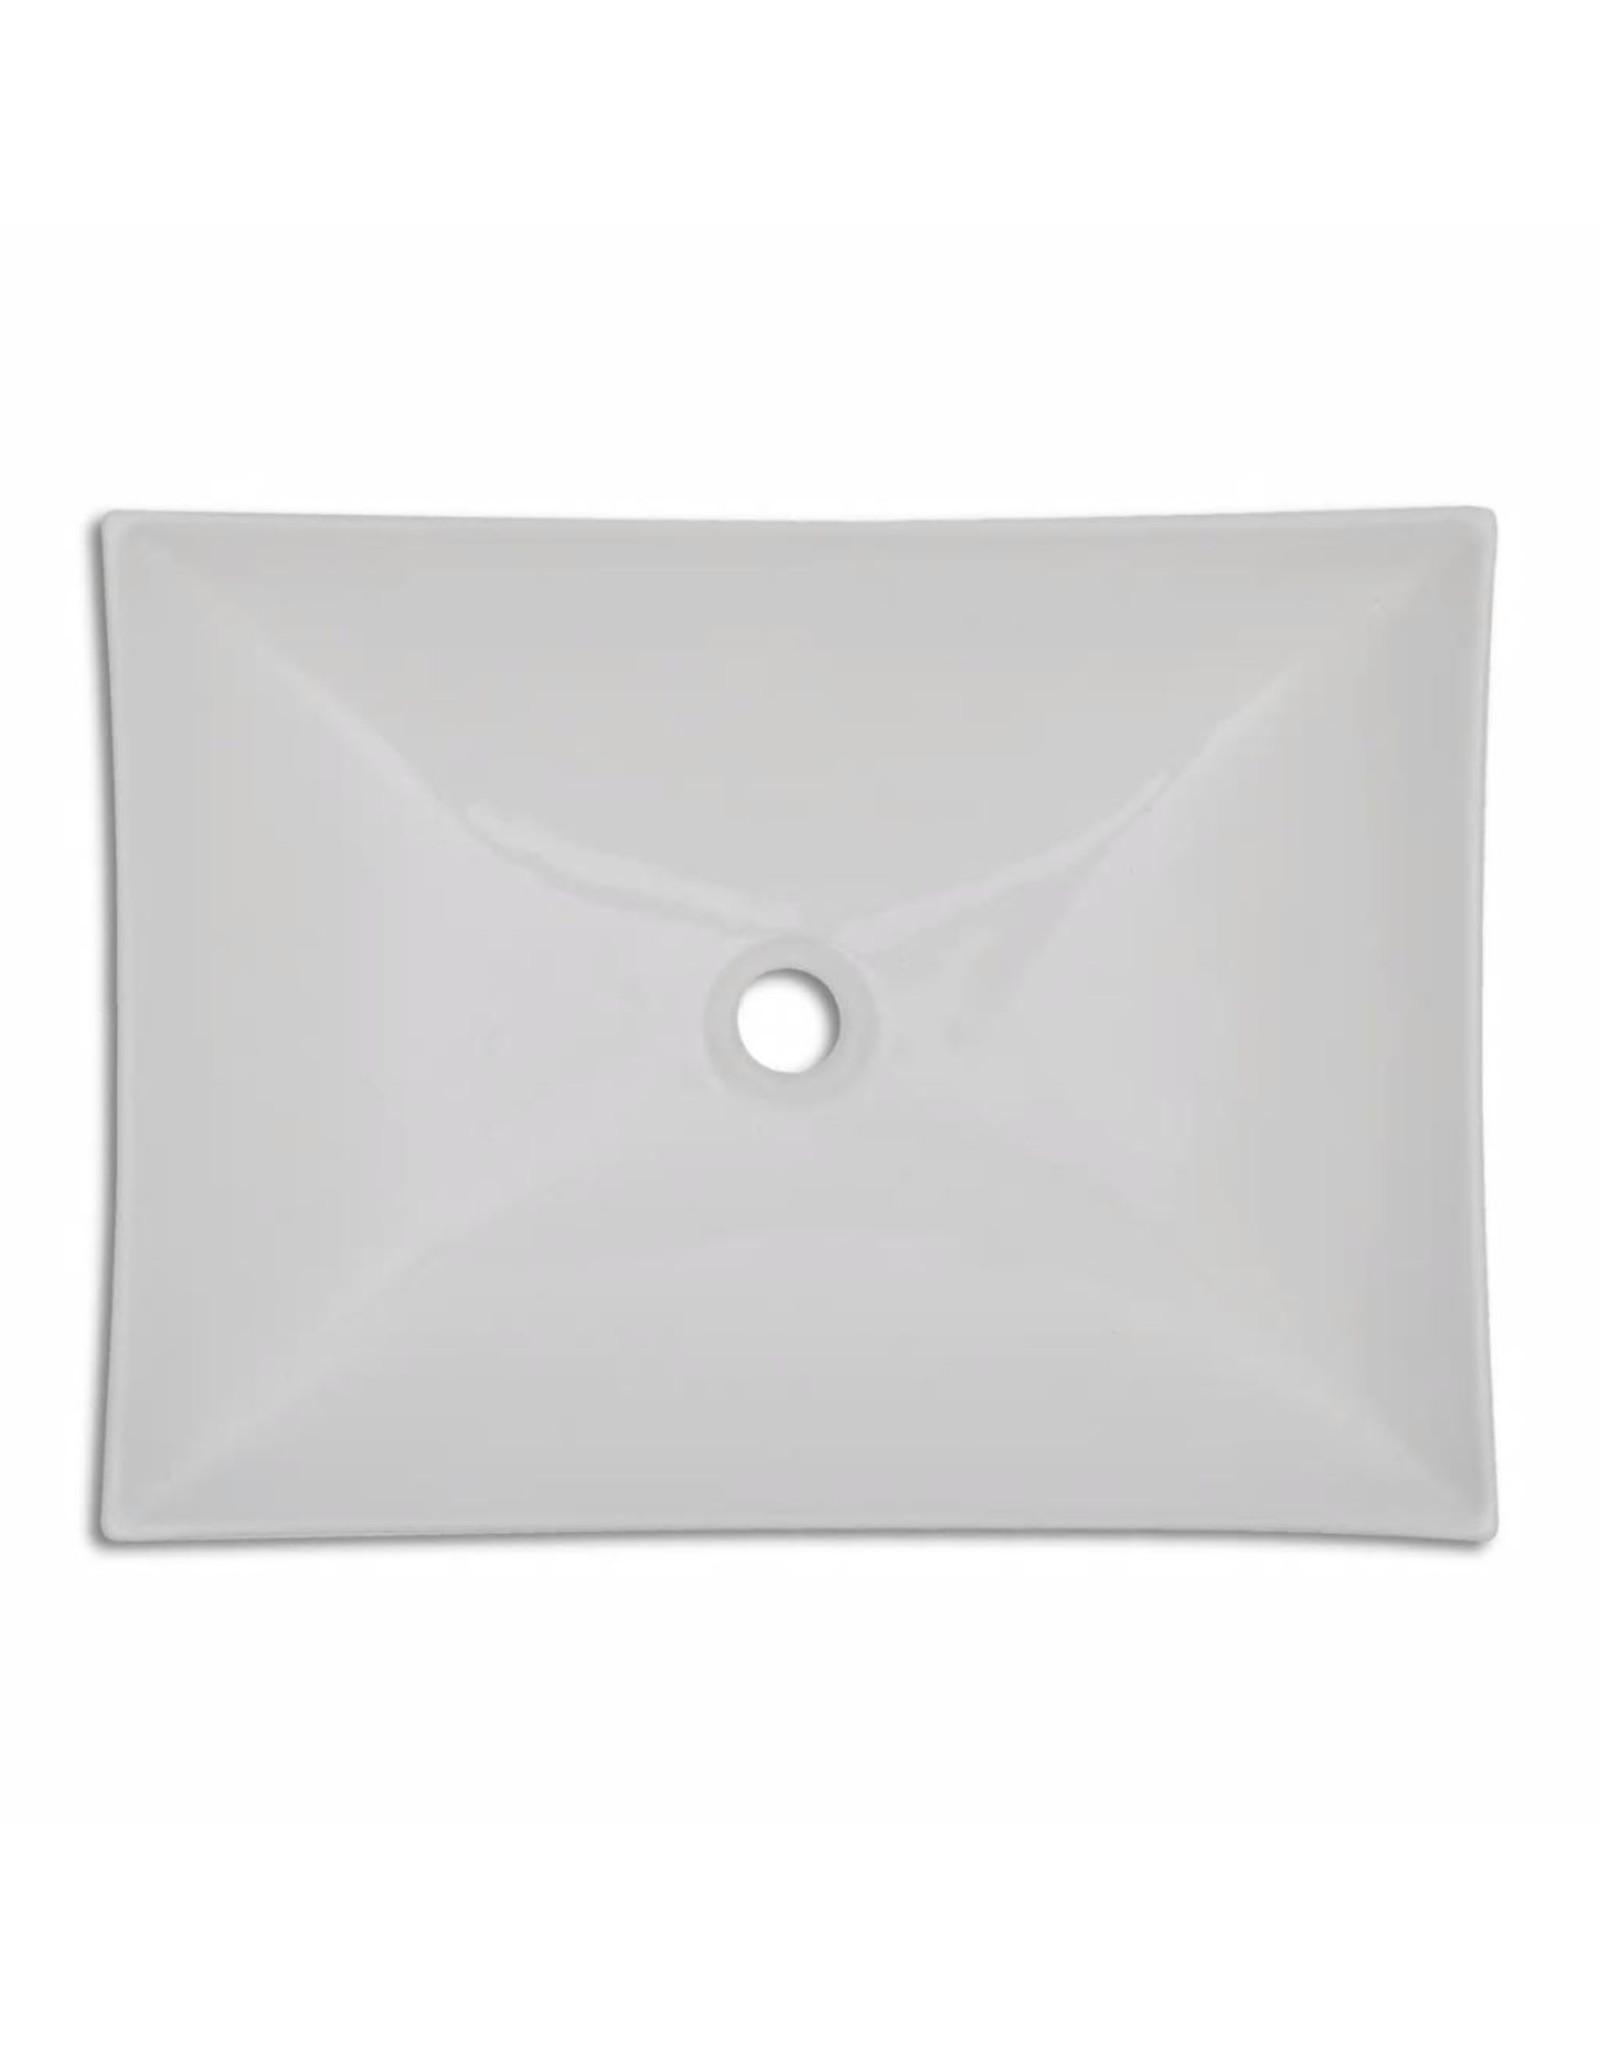 Keramische wasbak schaalvormig hoogglans (wit)